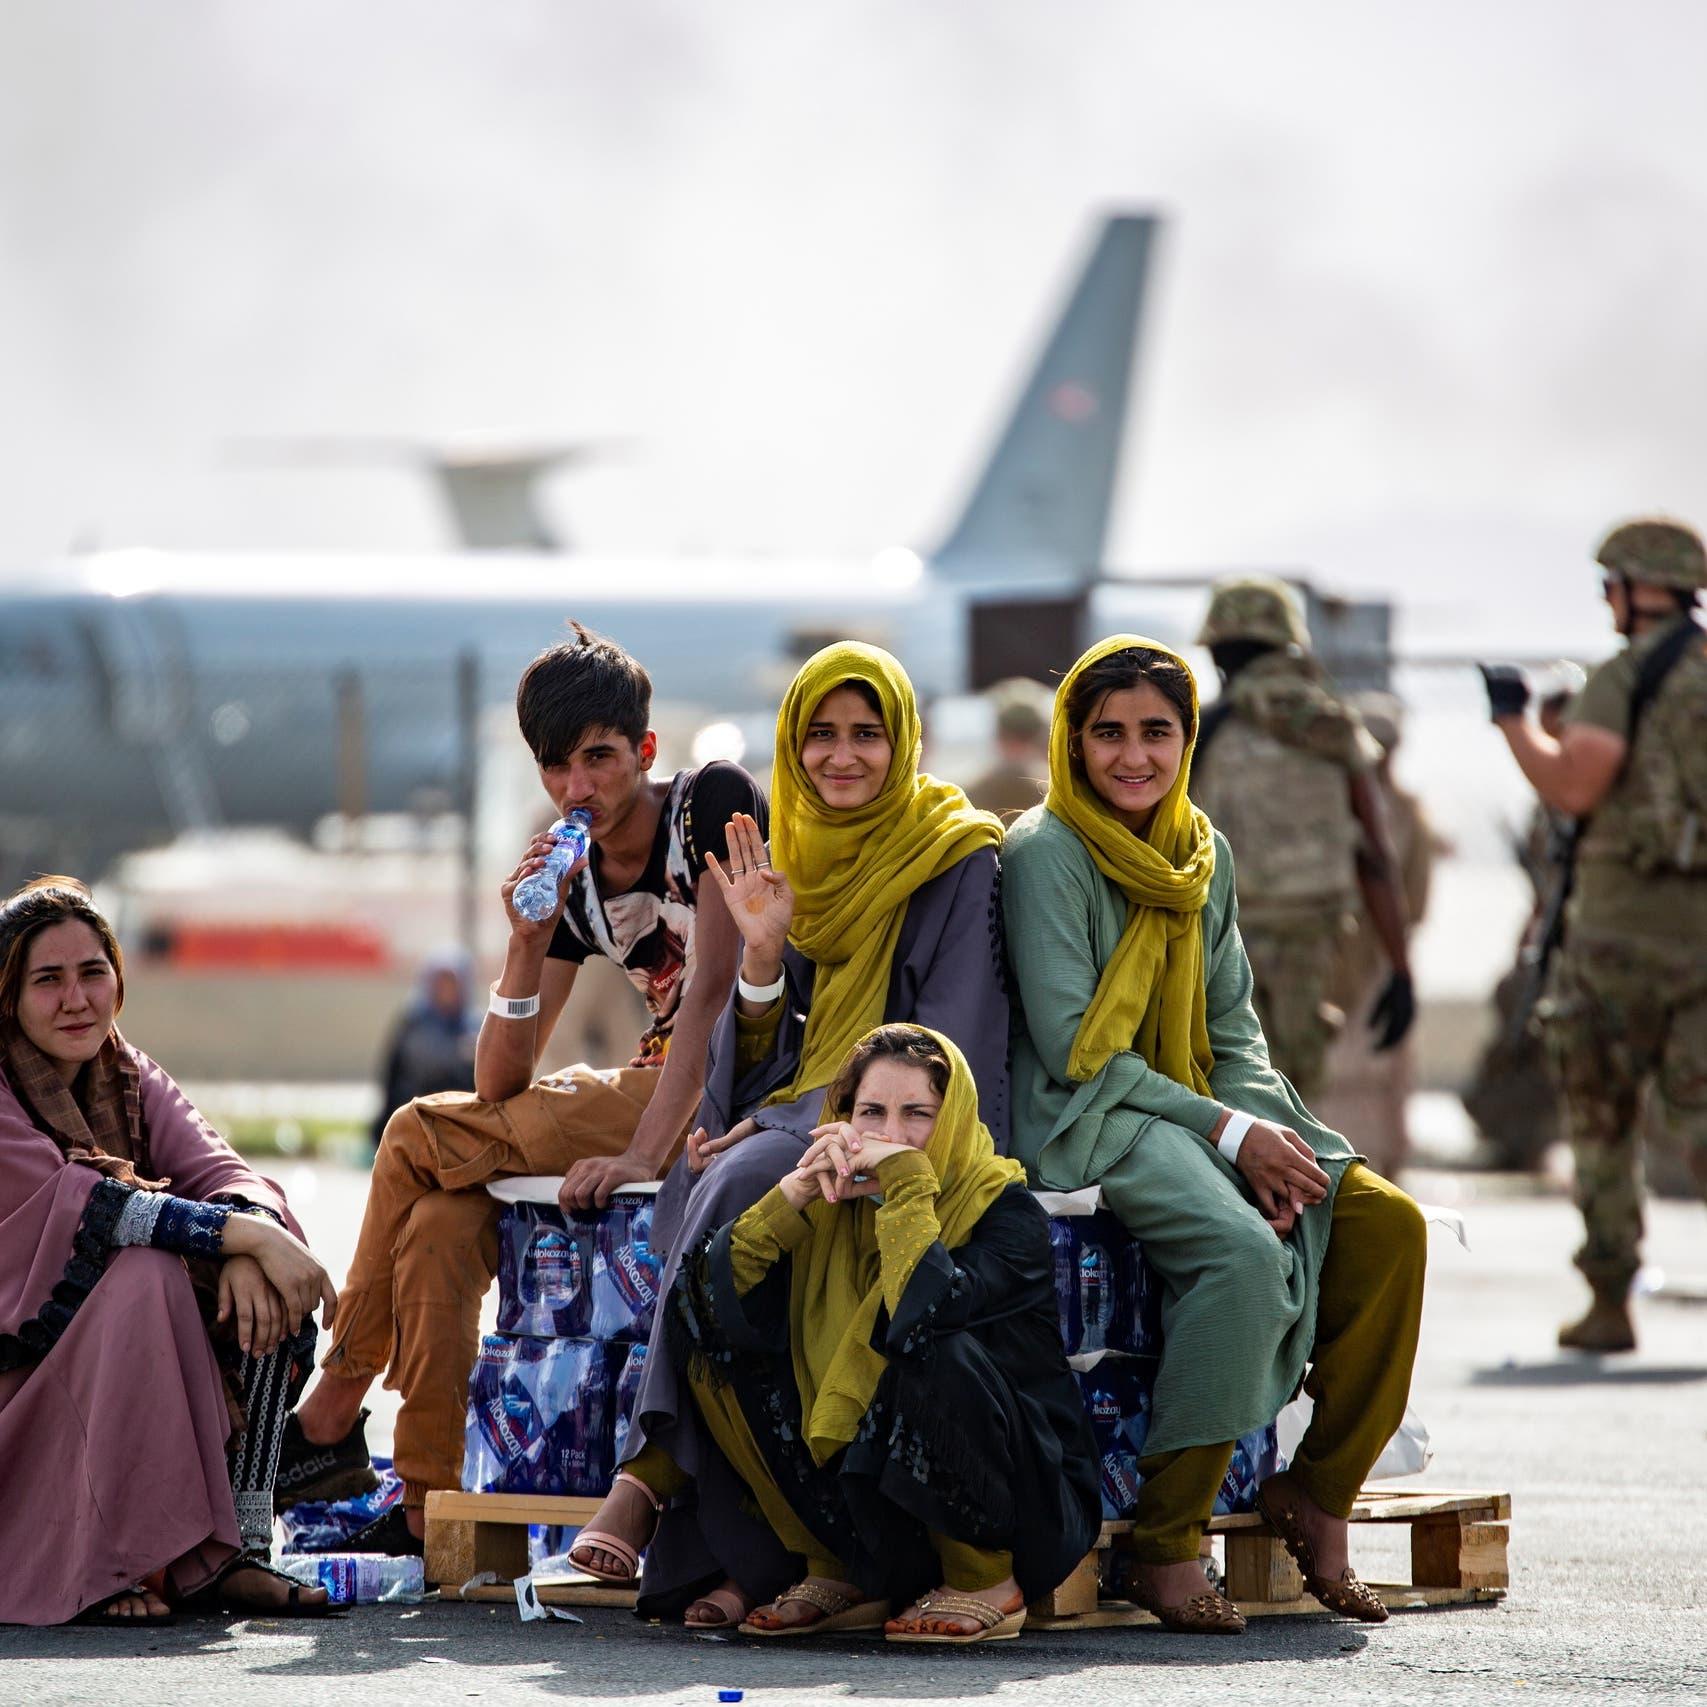 اقتصاد أفغانستان بقبضة طالبان.. هل تلتهم الصين ثروات التعدين؟